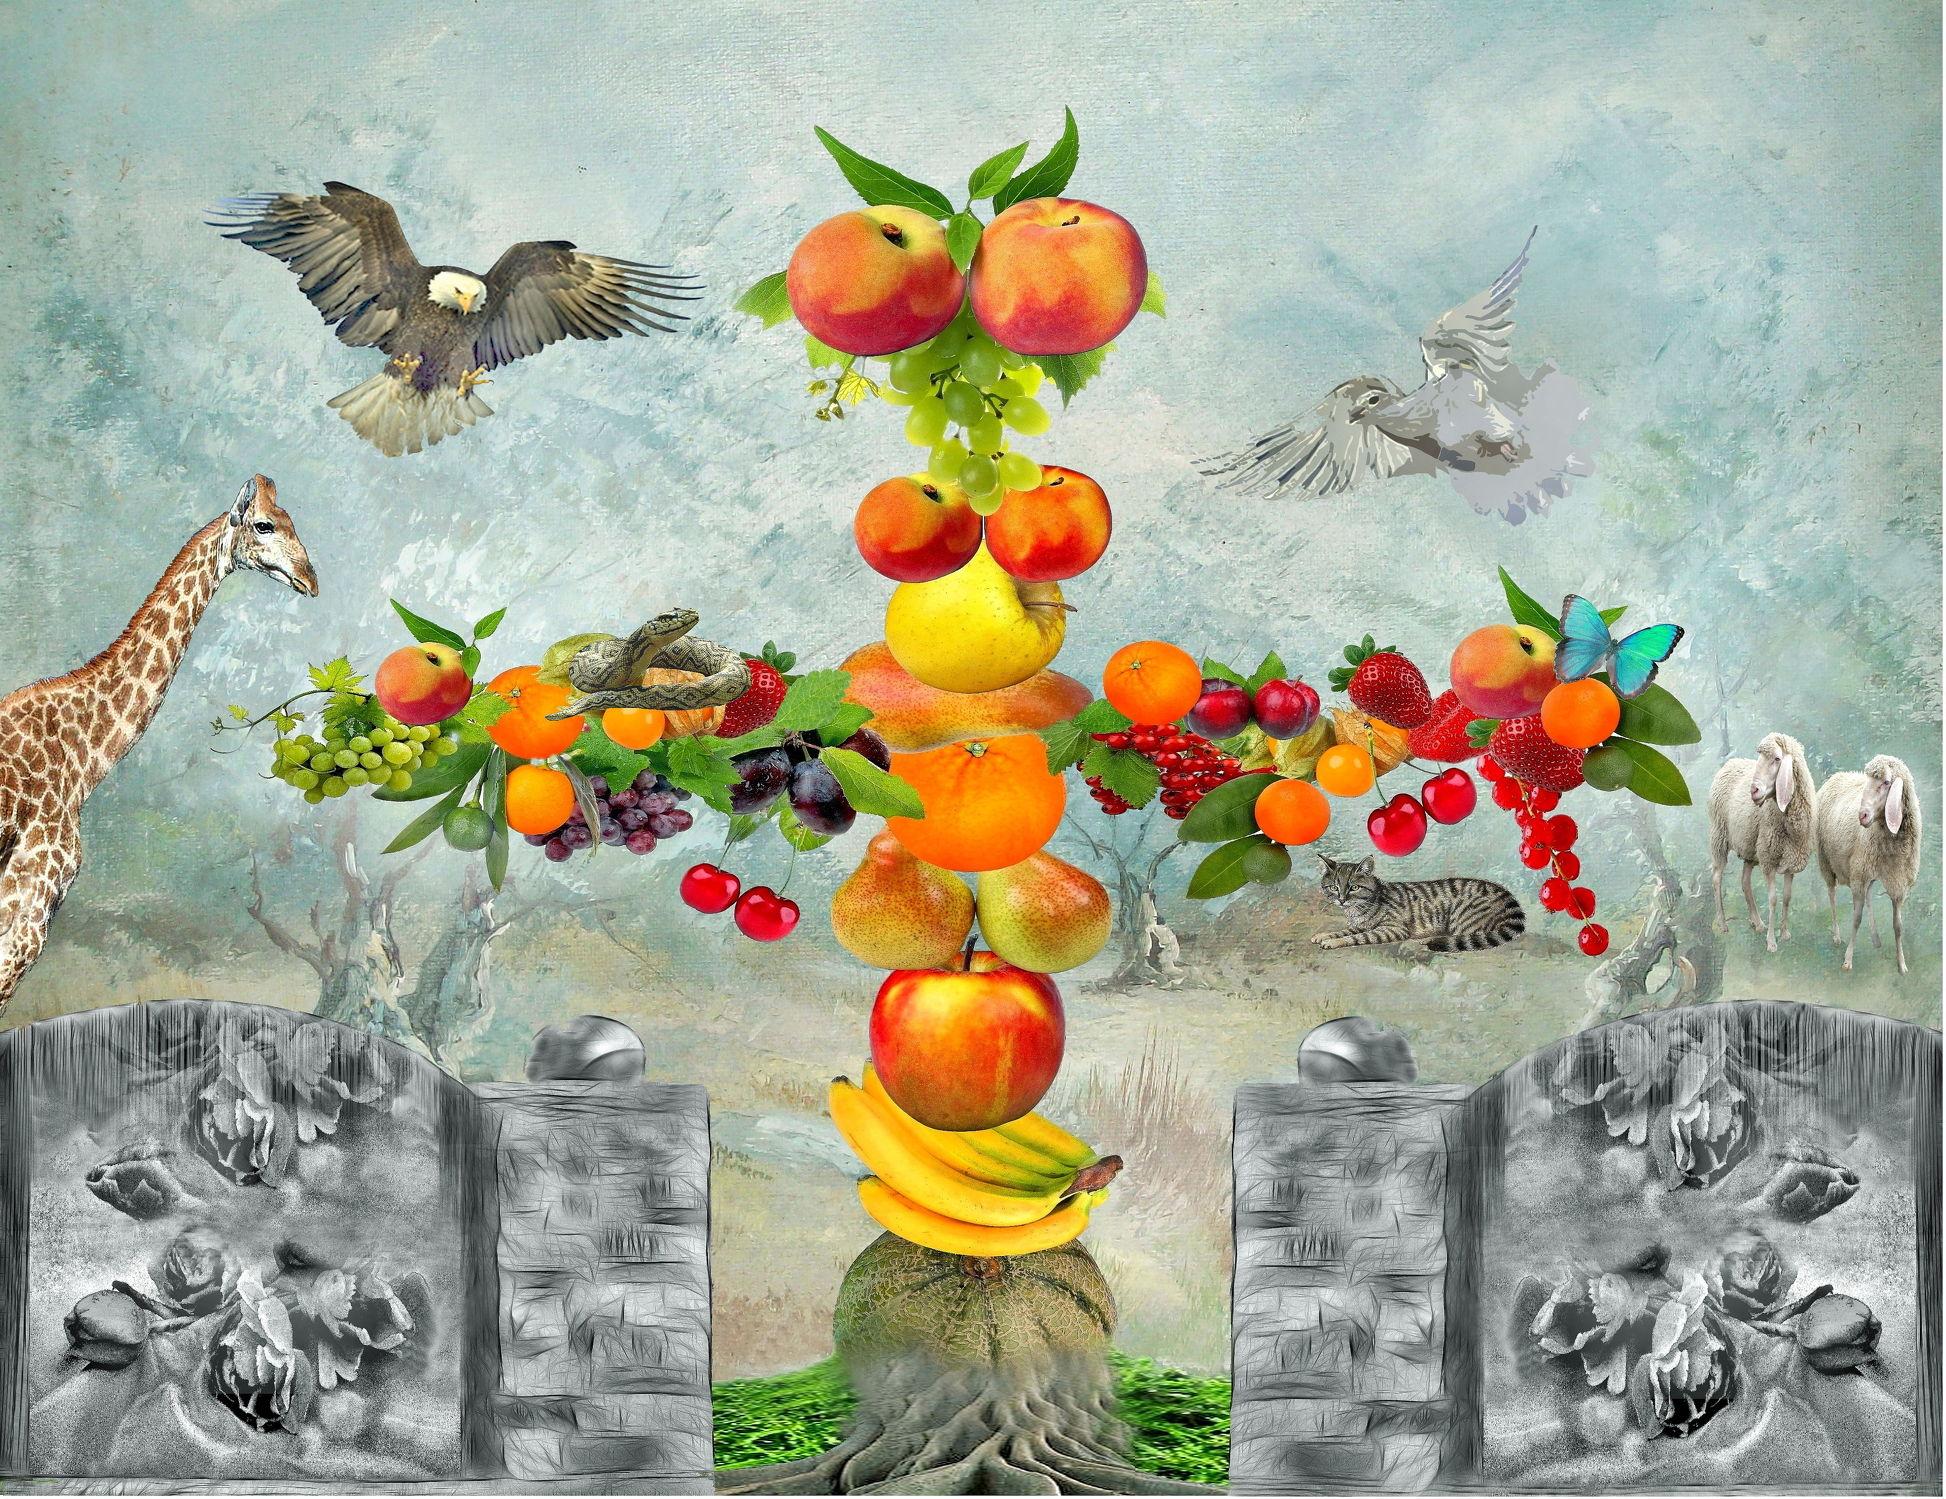 Bild mit Tiere, Früchte, Pfirsiche, Pfirsiche, Bananen, Obst, Erdbeeren, Birnen, Paradies, Abstrakt, Weintrauben, Weintrauben, Apfel, Katze, Stilleben, Fantasie, Schmetterling, Schafe, garten, Physalis, Johannisbeeren, Kirschen, Schlange, Adler, taube, melonen